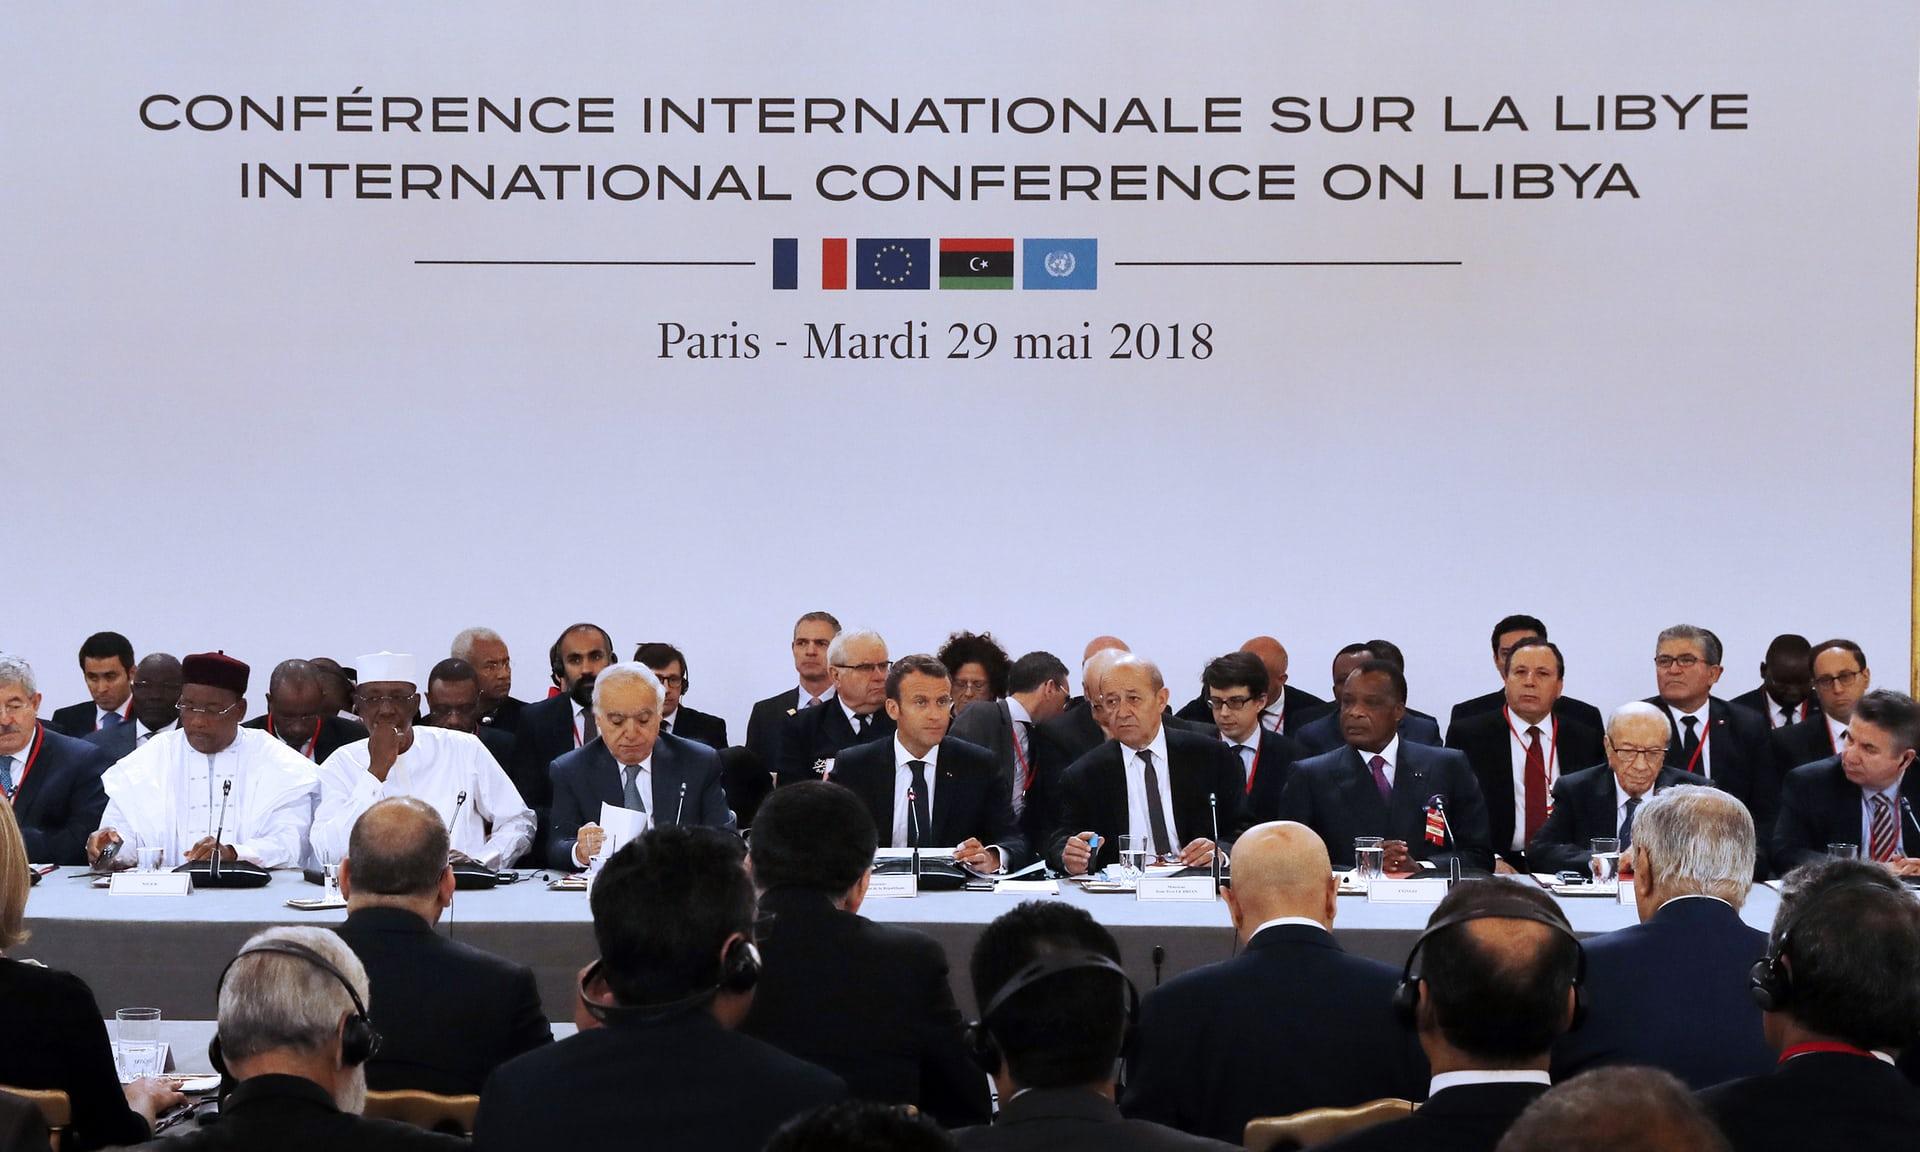 أمريكا تدخل على خط الصراع الإيطالي الفرنسي في ليبيا2